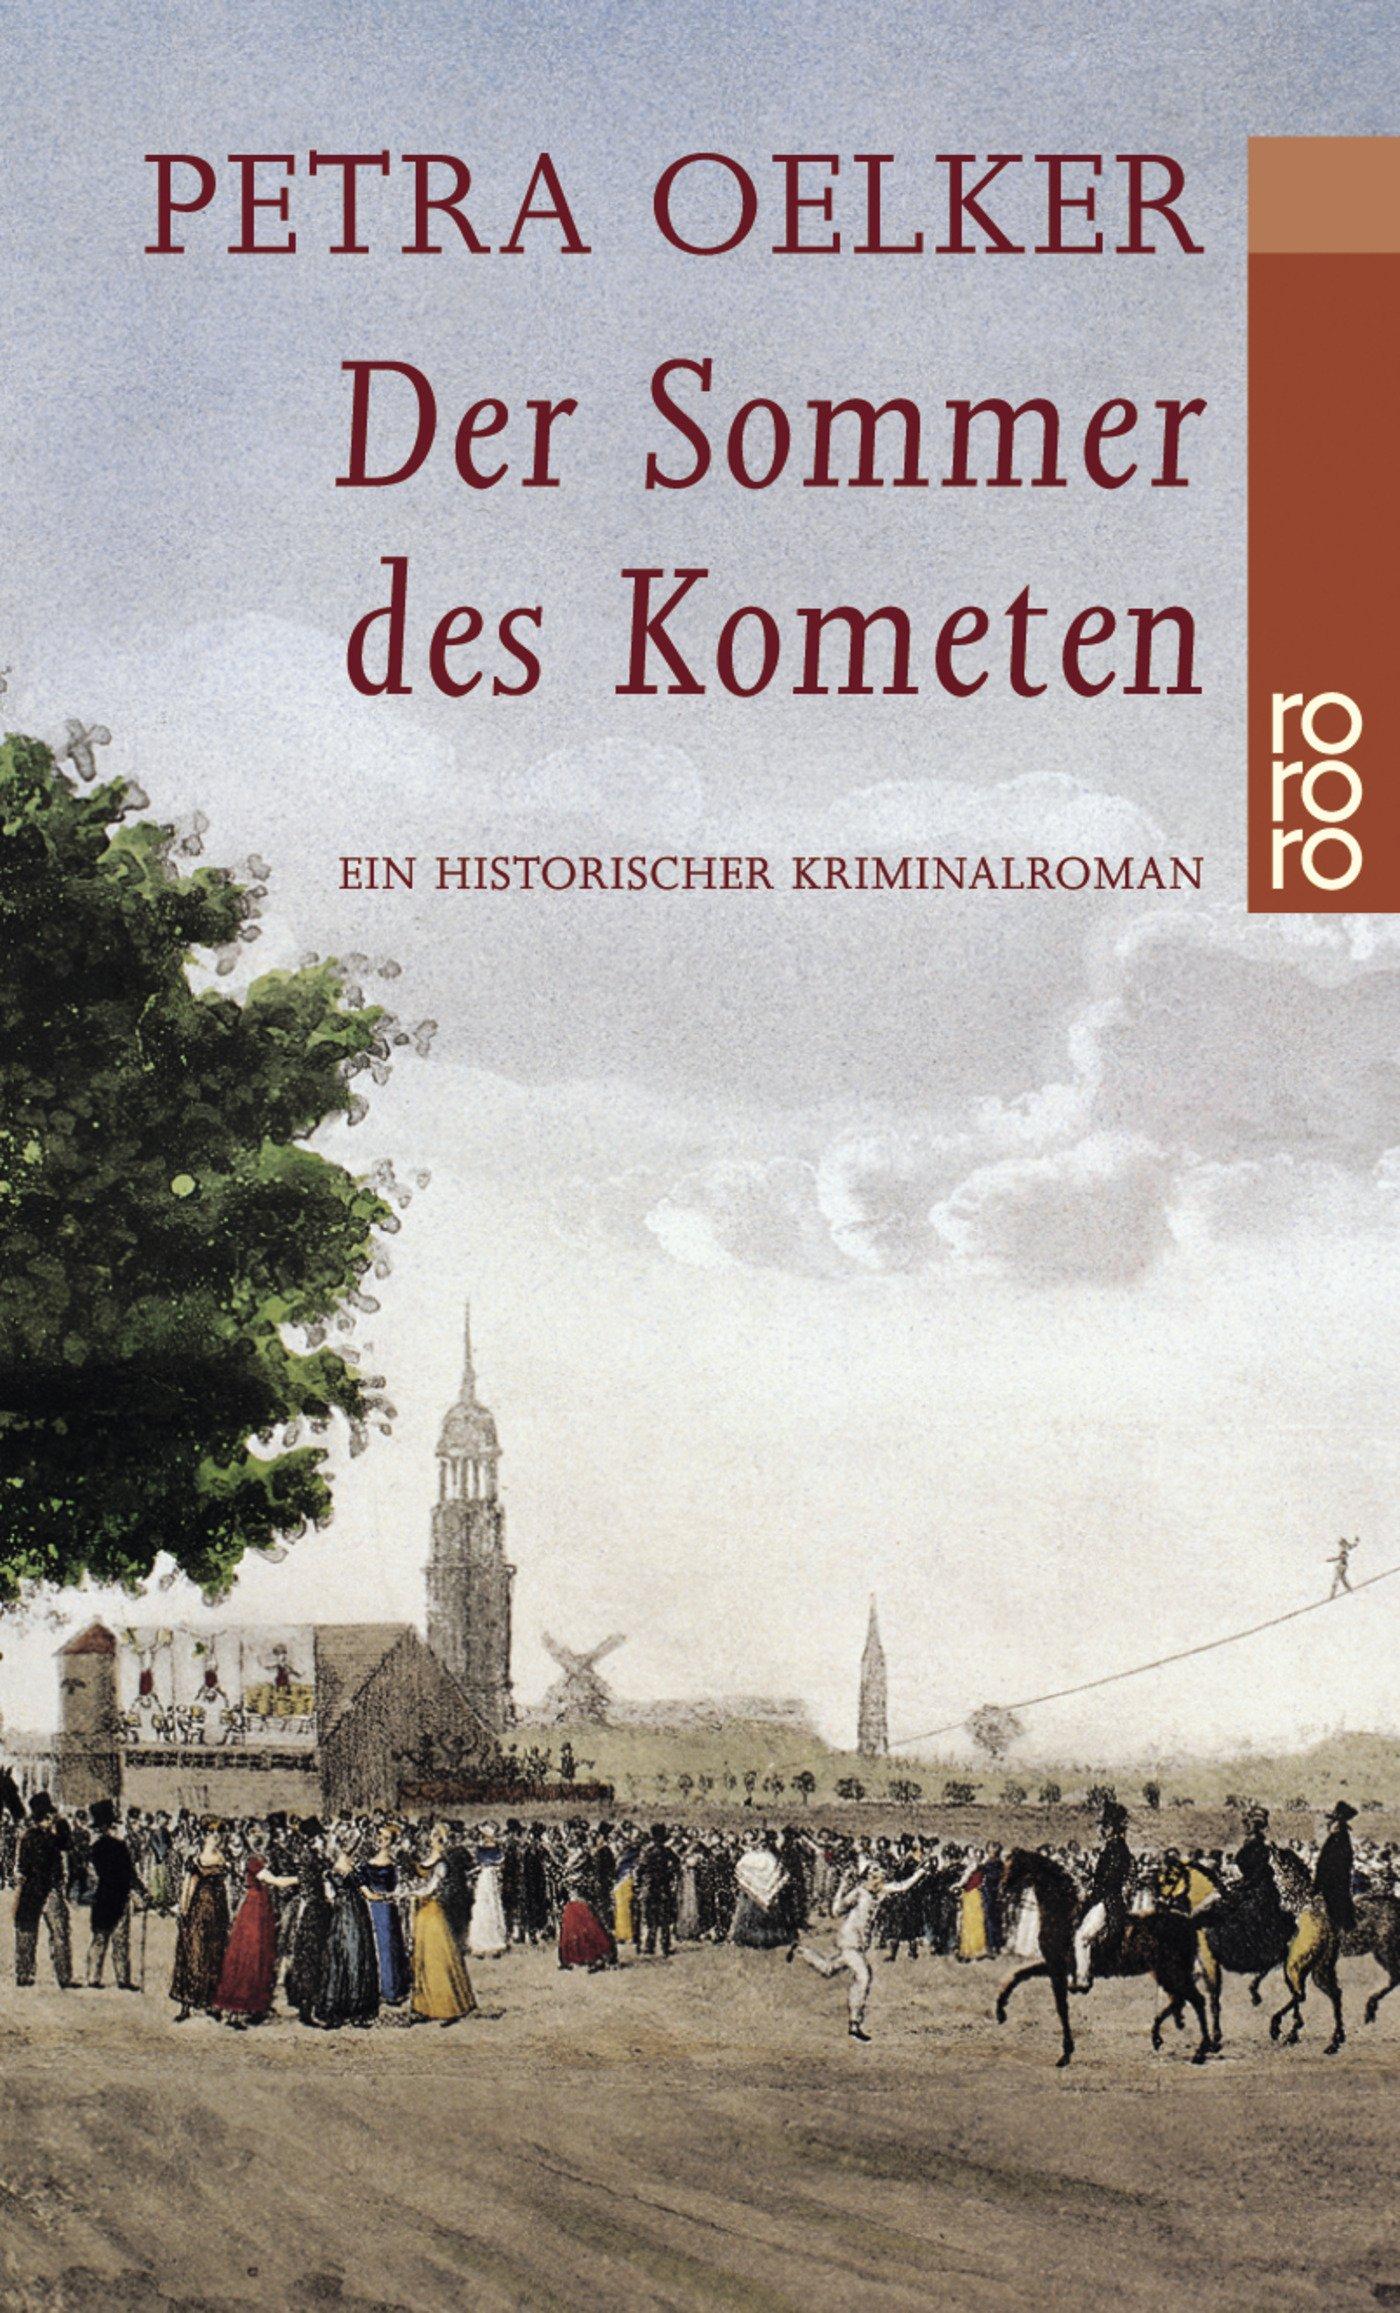 Der Sommer des Kometen: Ein historischer Kriminalroman (Rosina-Zyklus, Band 2)